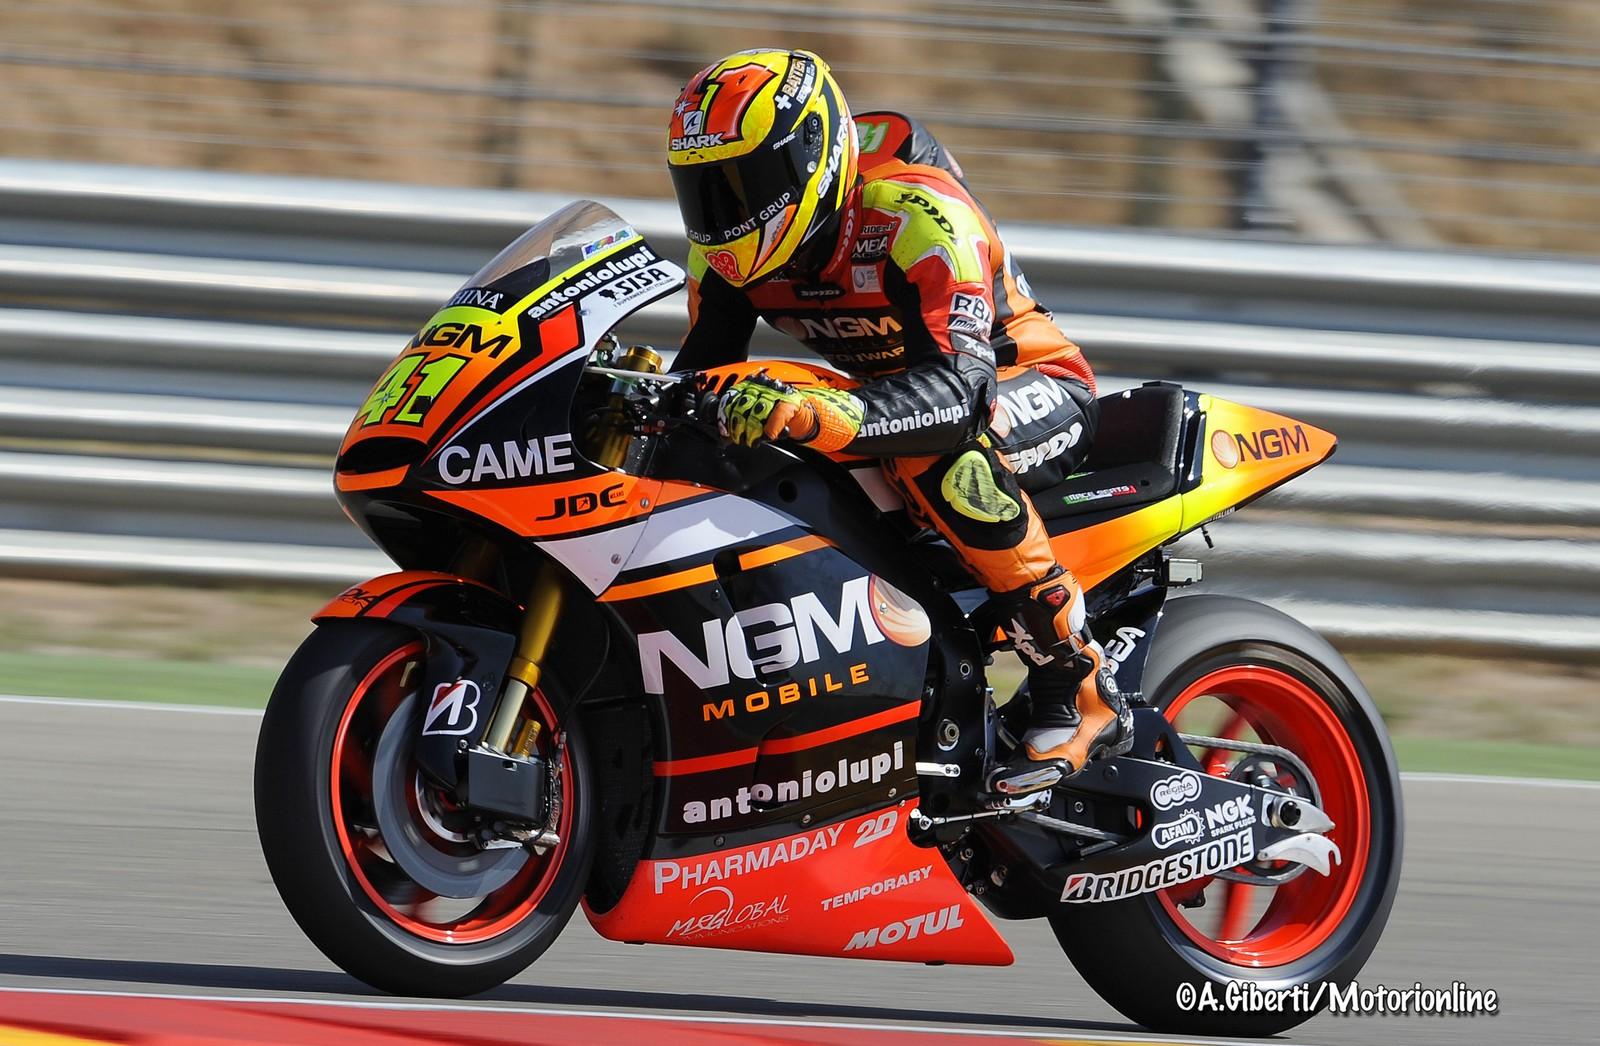 Notizie Motogp Austin 2014 | MotoGP 2017 Info, Video, Points Table